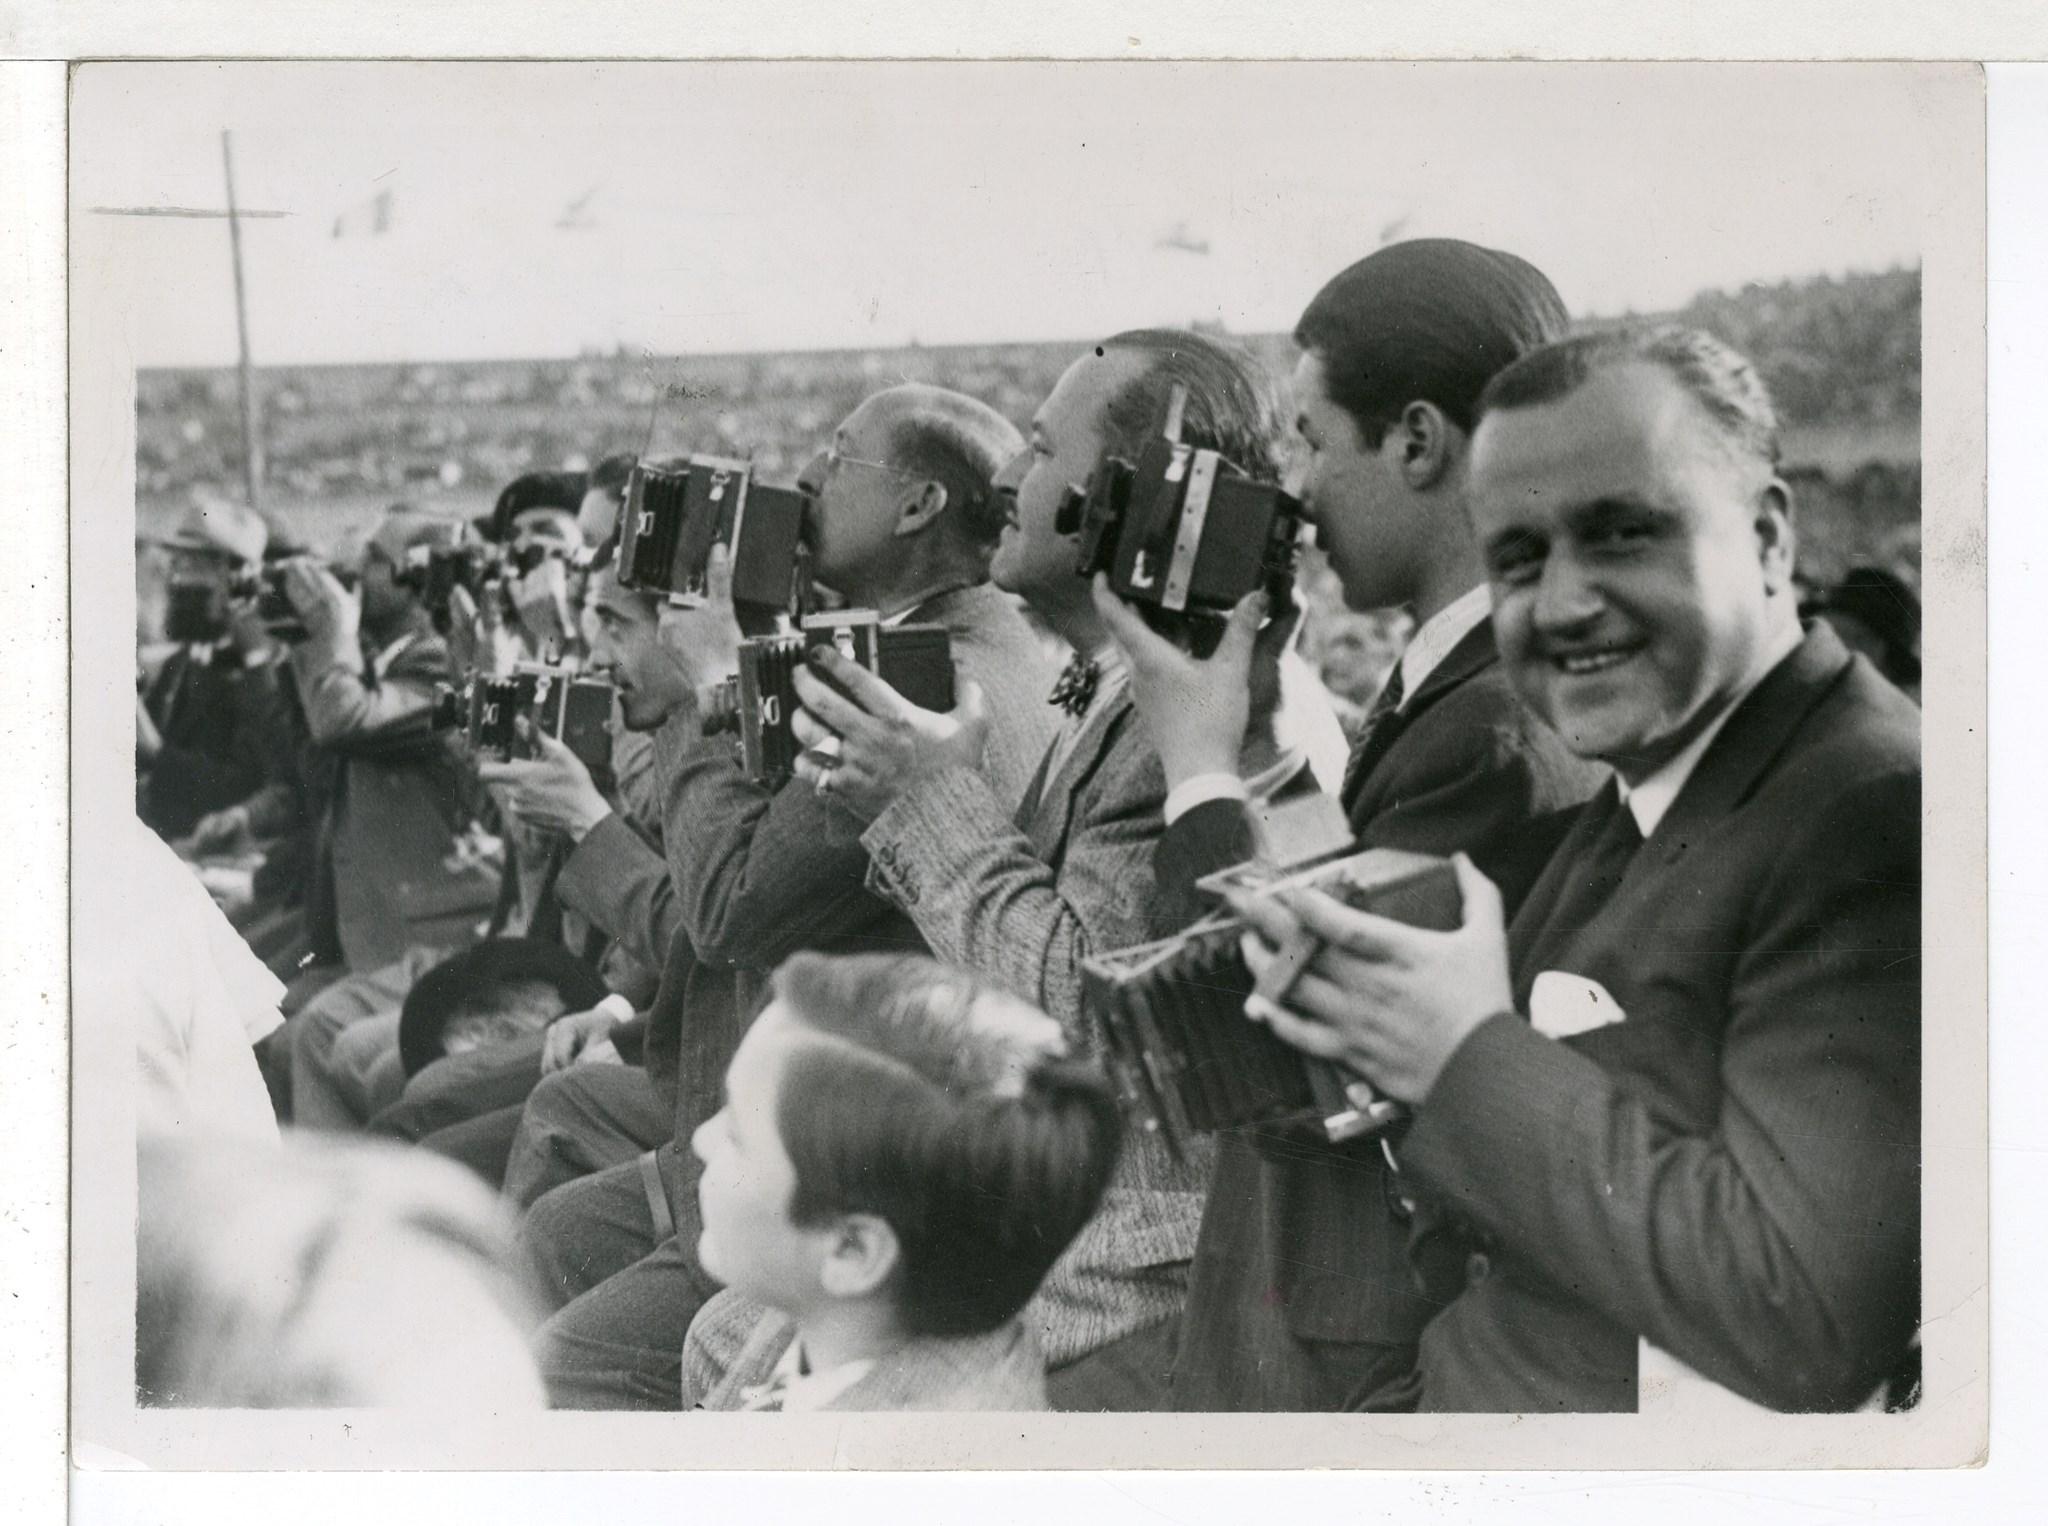 <p>Josep Gaspar, Josep Brangulí i Carlos Pérez de Rozas, entre d'altres fotògrafs, cobrint el combat de boxa Uzcudun-Carnera a Montjuïc, l'any 1930. Foto: Pablo Luís Torrents</p>